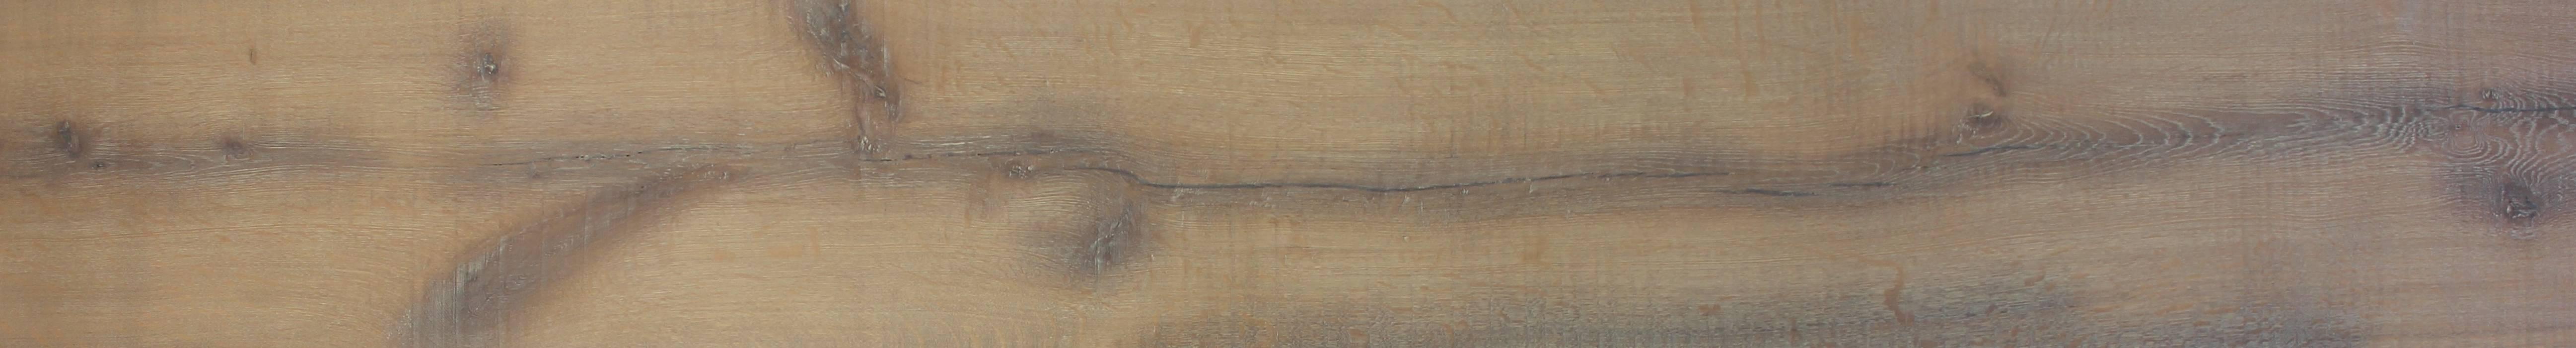 Orignal Old Floor Limited: modern  von Holz + Floor GmbH | Thomas Maile | Wohngesunde Bodensysteme seit 1997,Modern